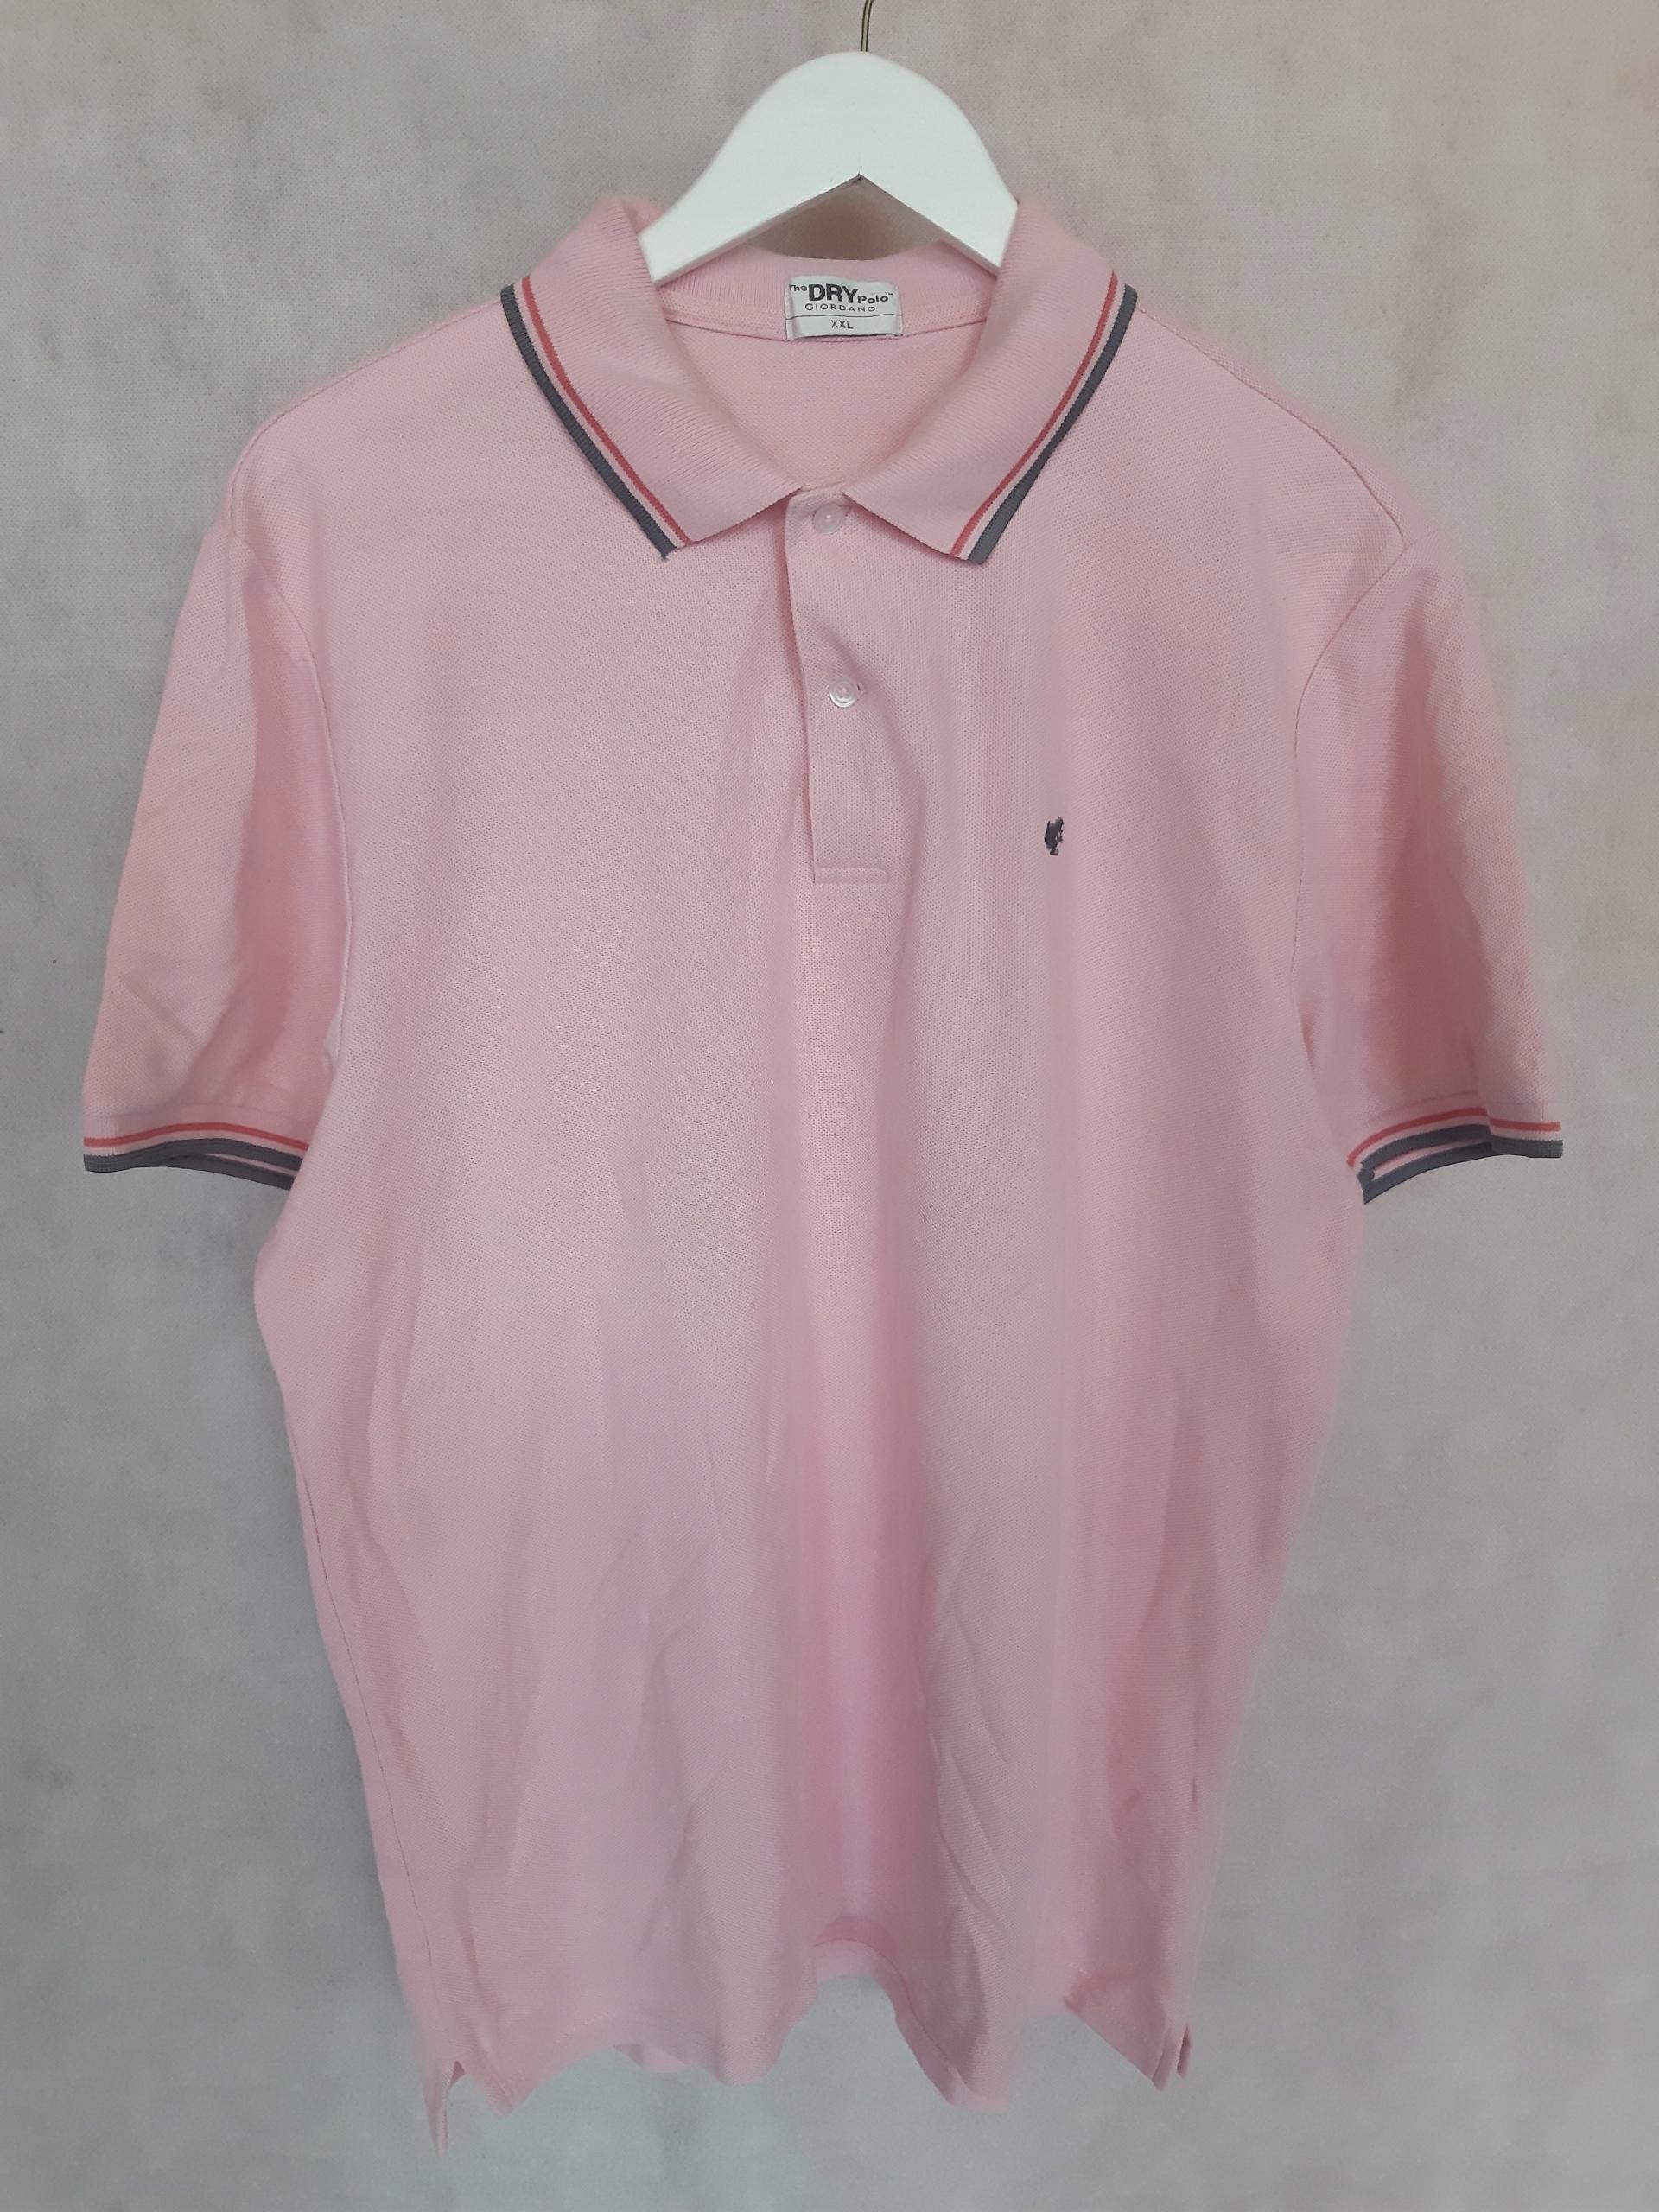 Koszulka polo męska Giordano różowa r. XXL R4